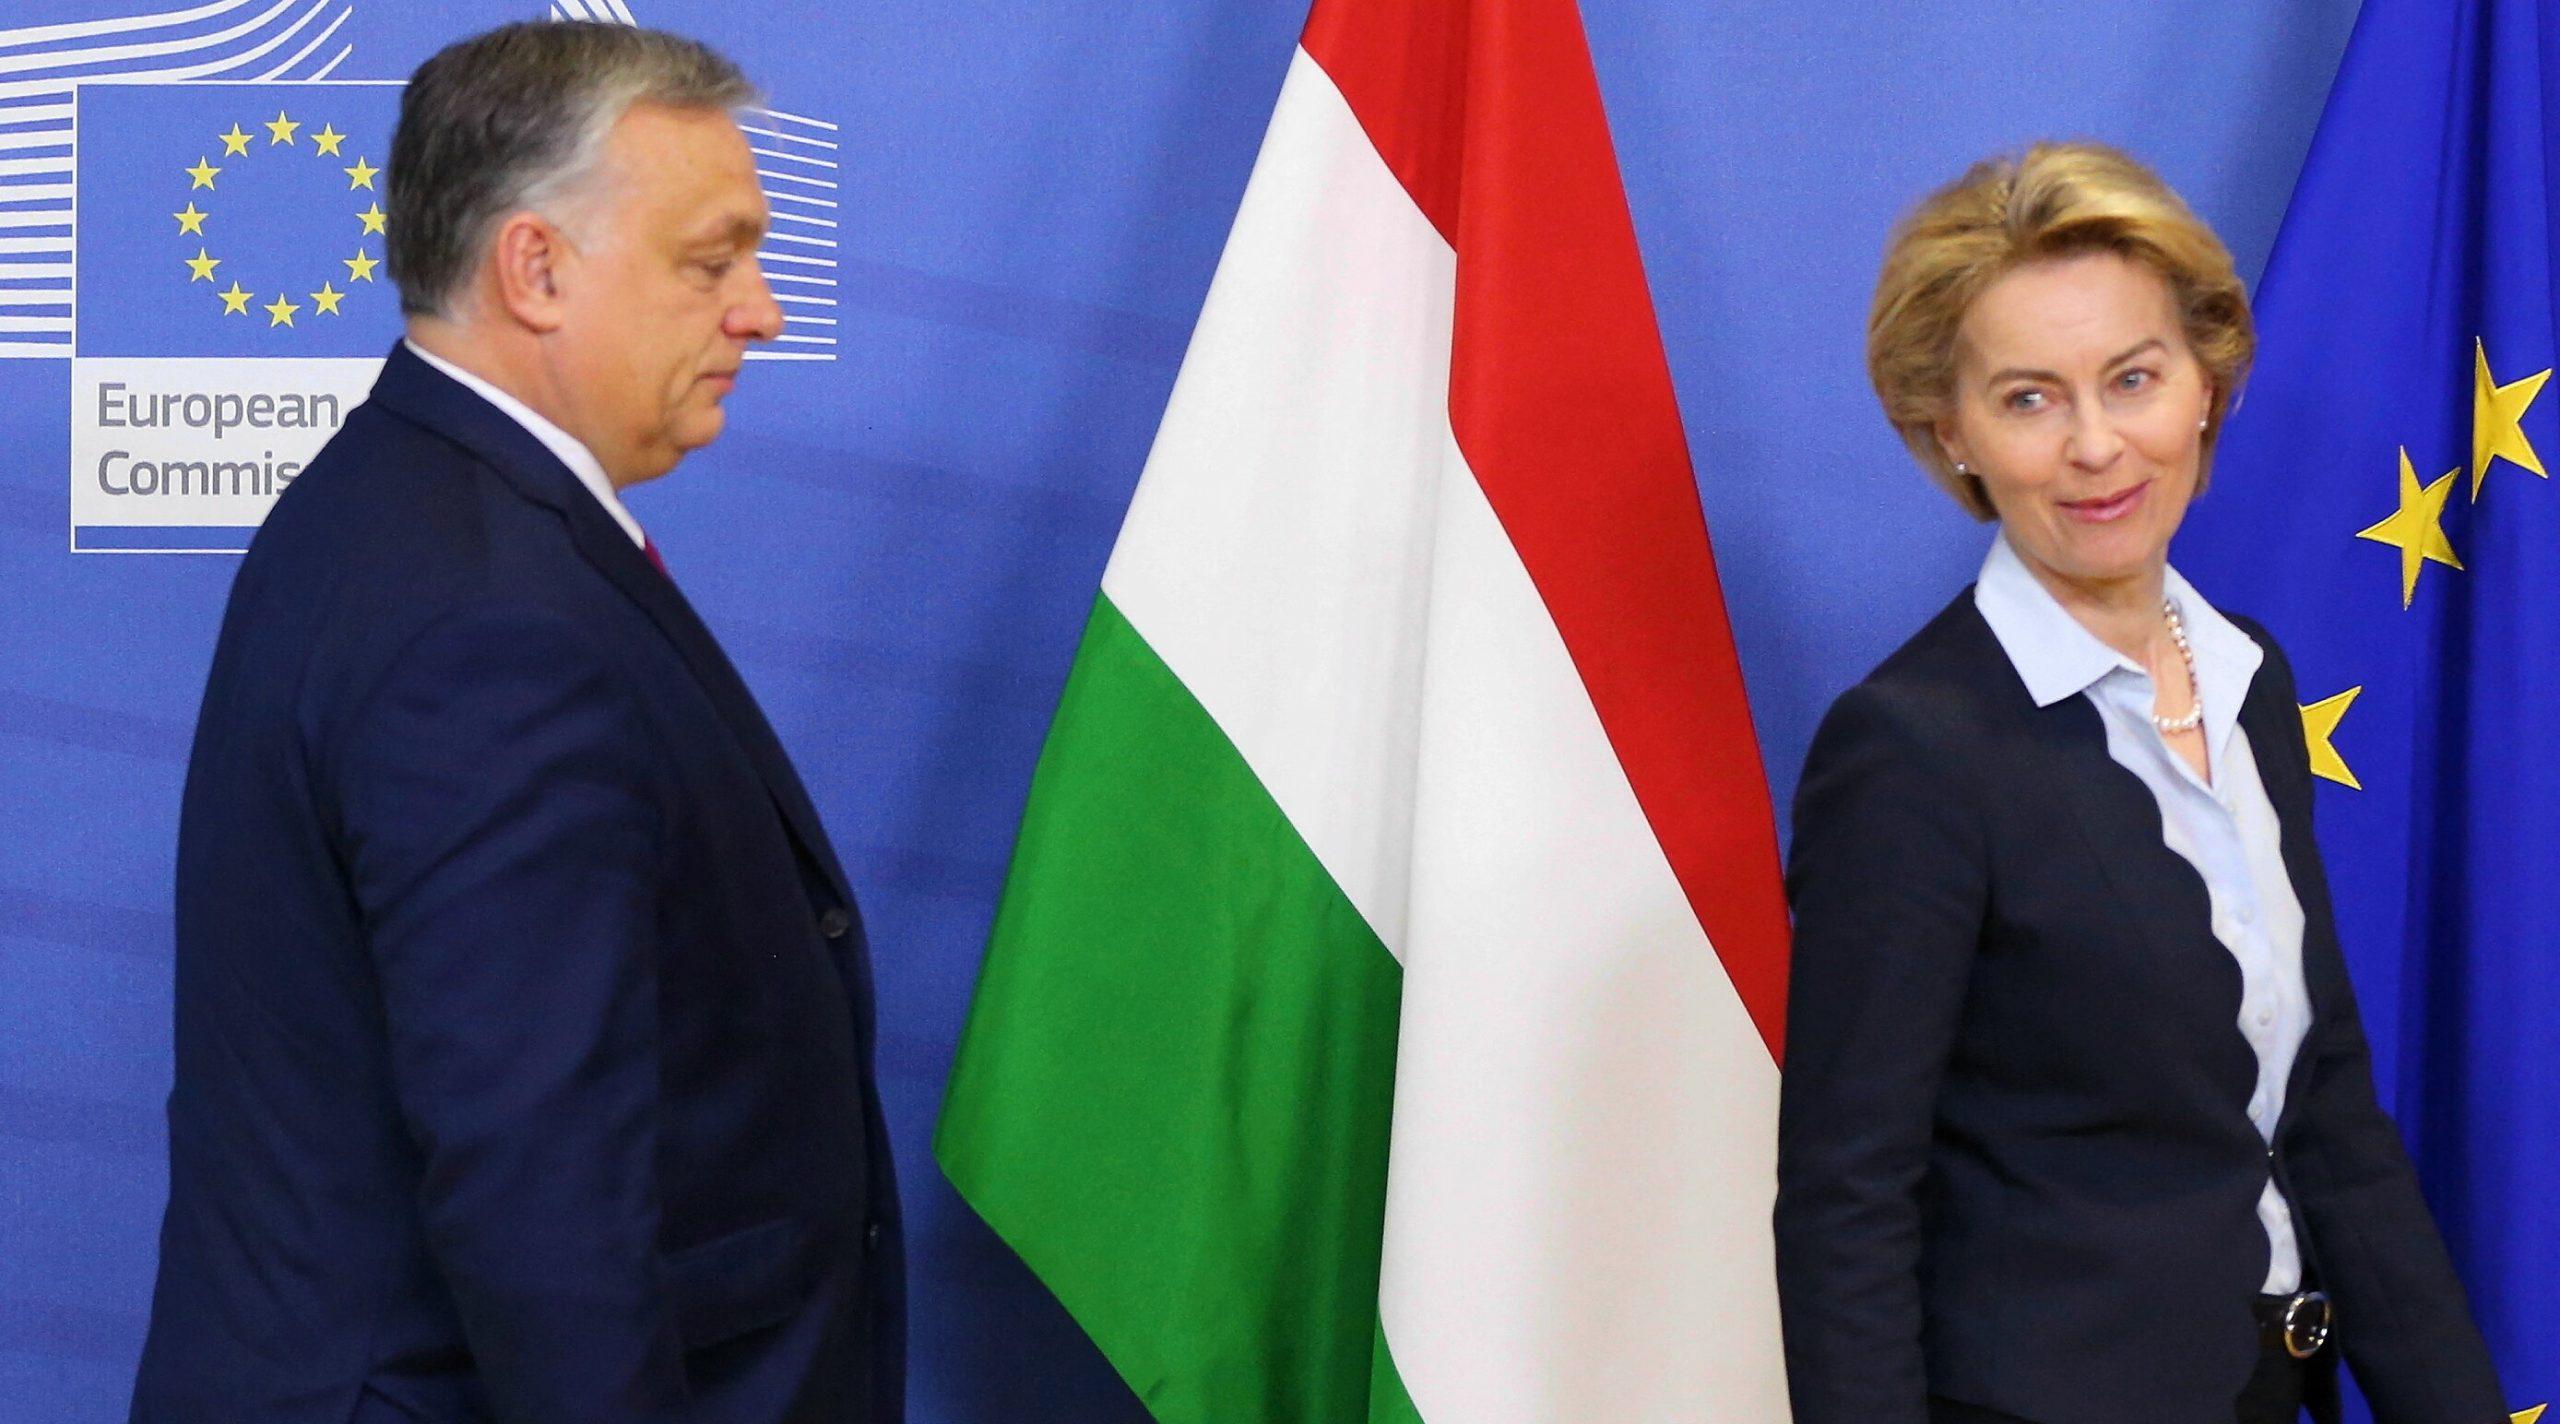 """Ursula von der Leyen: Ungaria trebuie să retragă legea anti-LGBT, altfel va suporta consecințe. """"Este o rușine"""""""